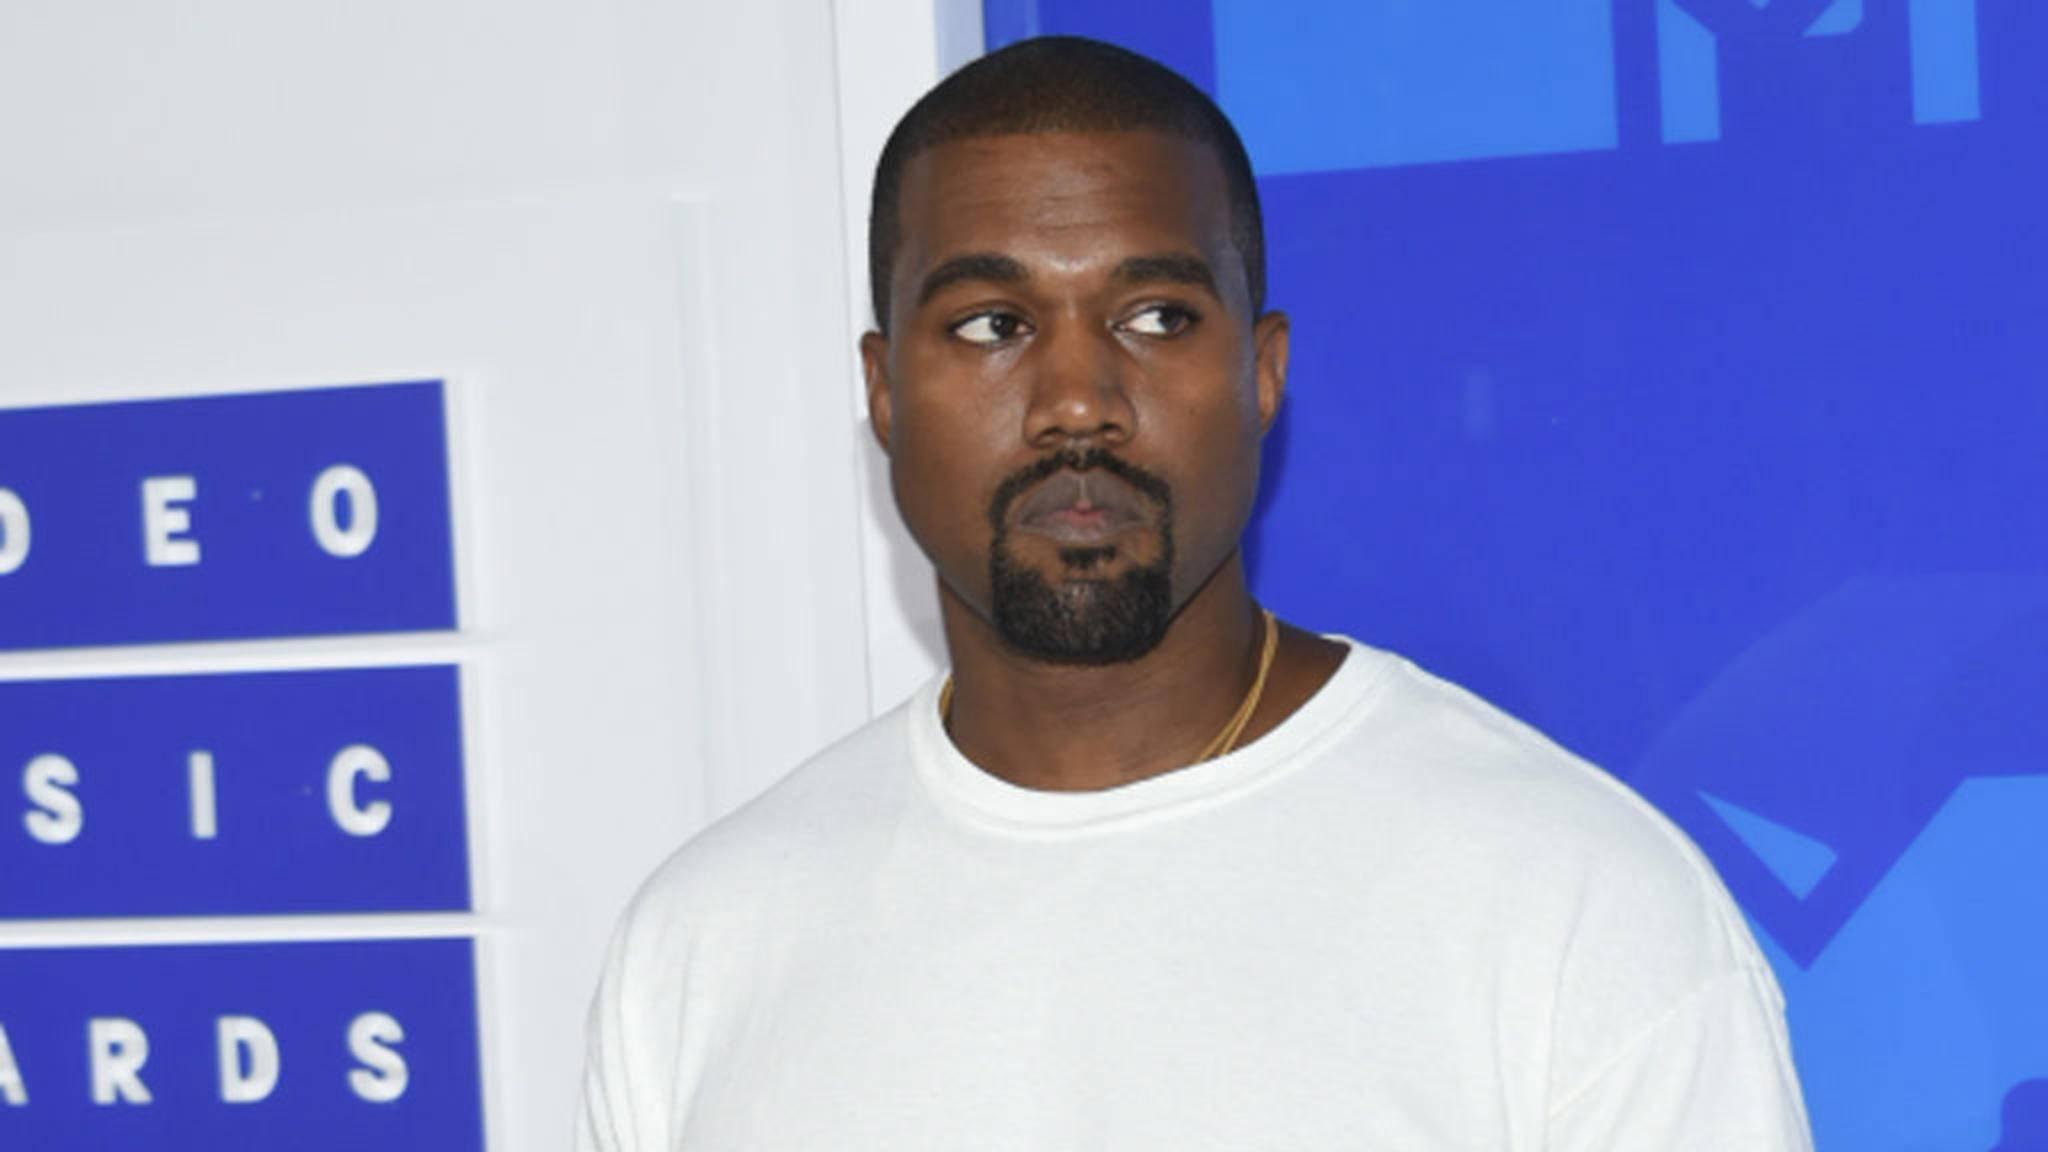 Gesundheitliche Probleme zwingen Rapper Kanye West offenbar dazu, seine für 2017 geplante Europatour zu canceln.